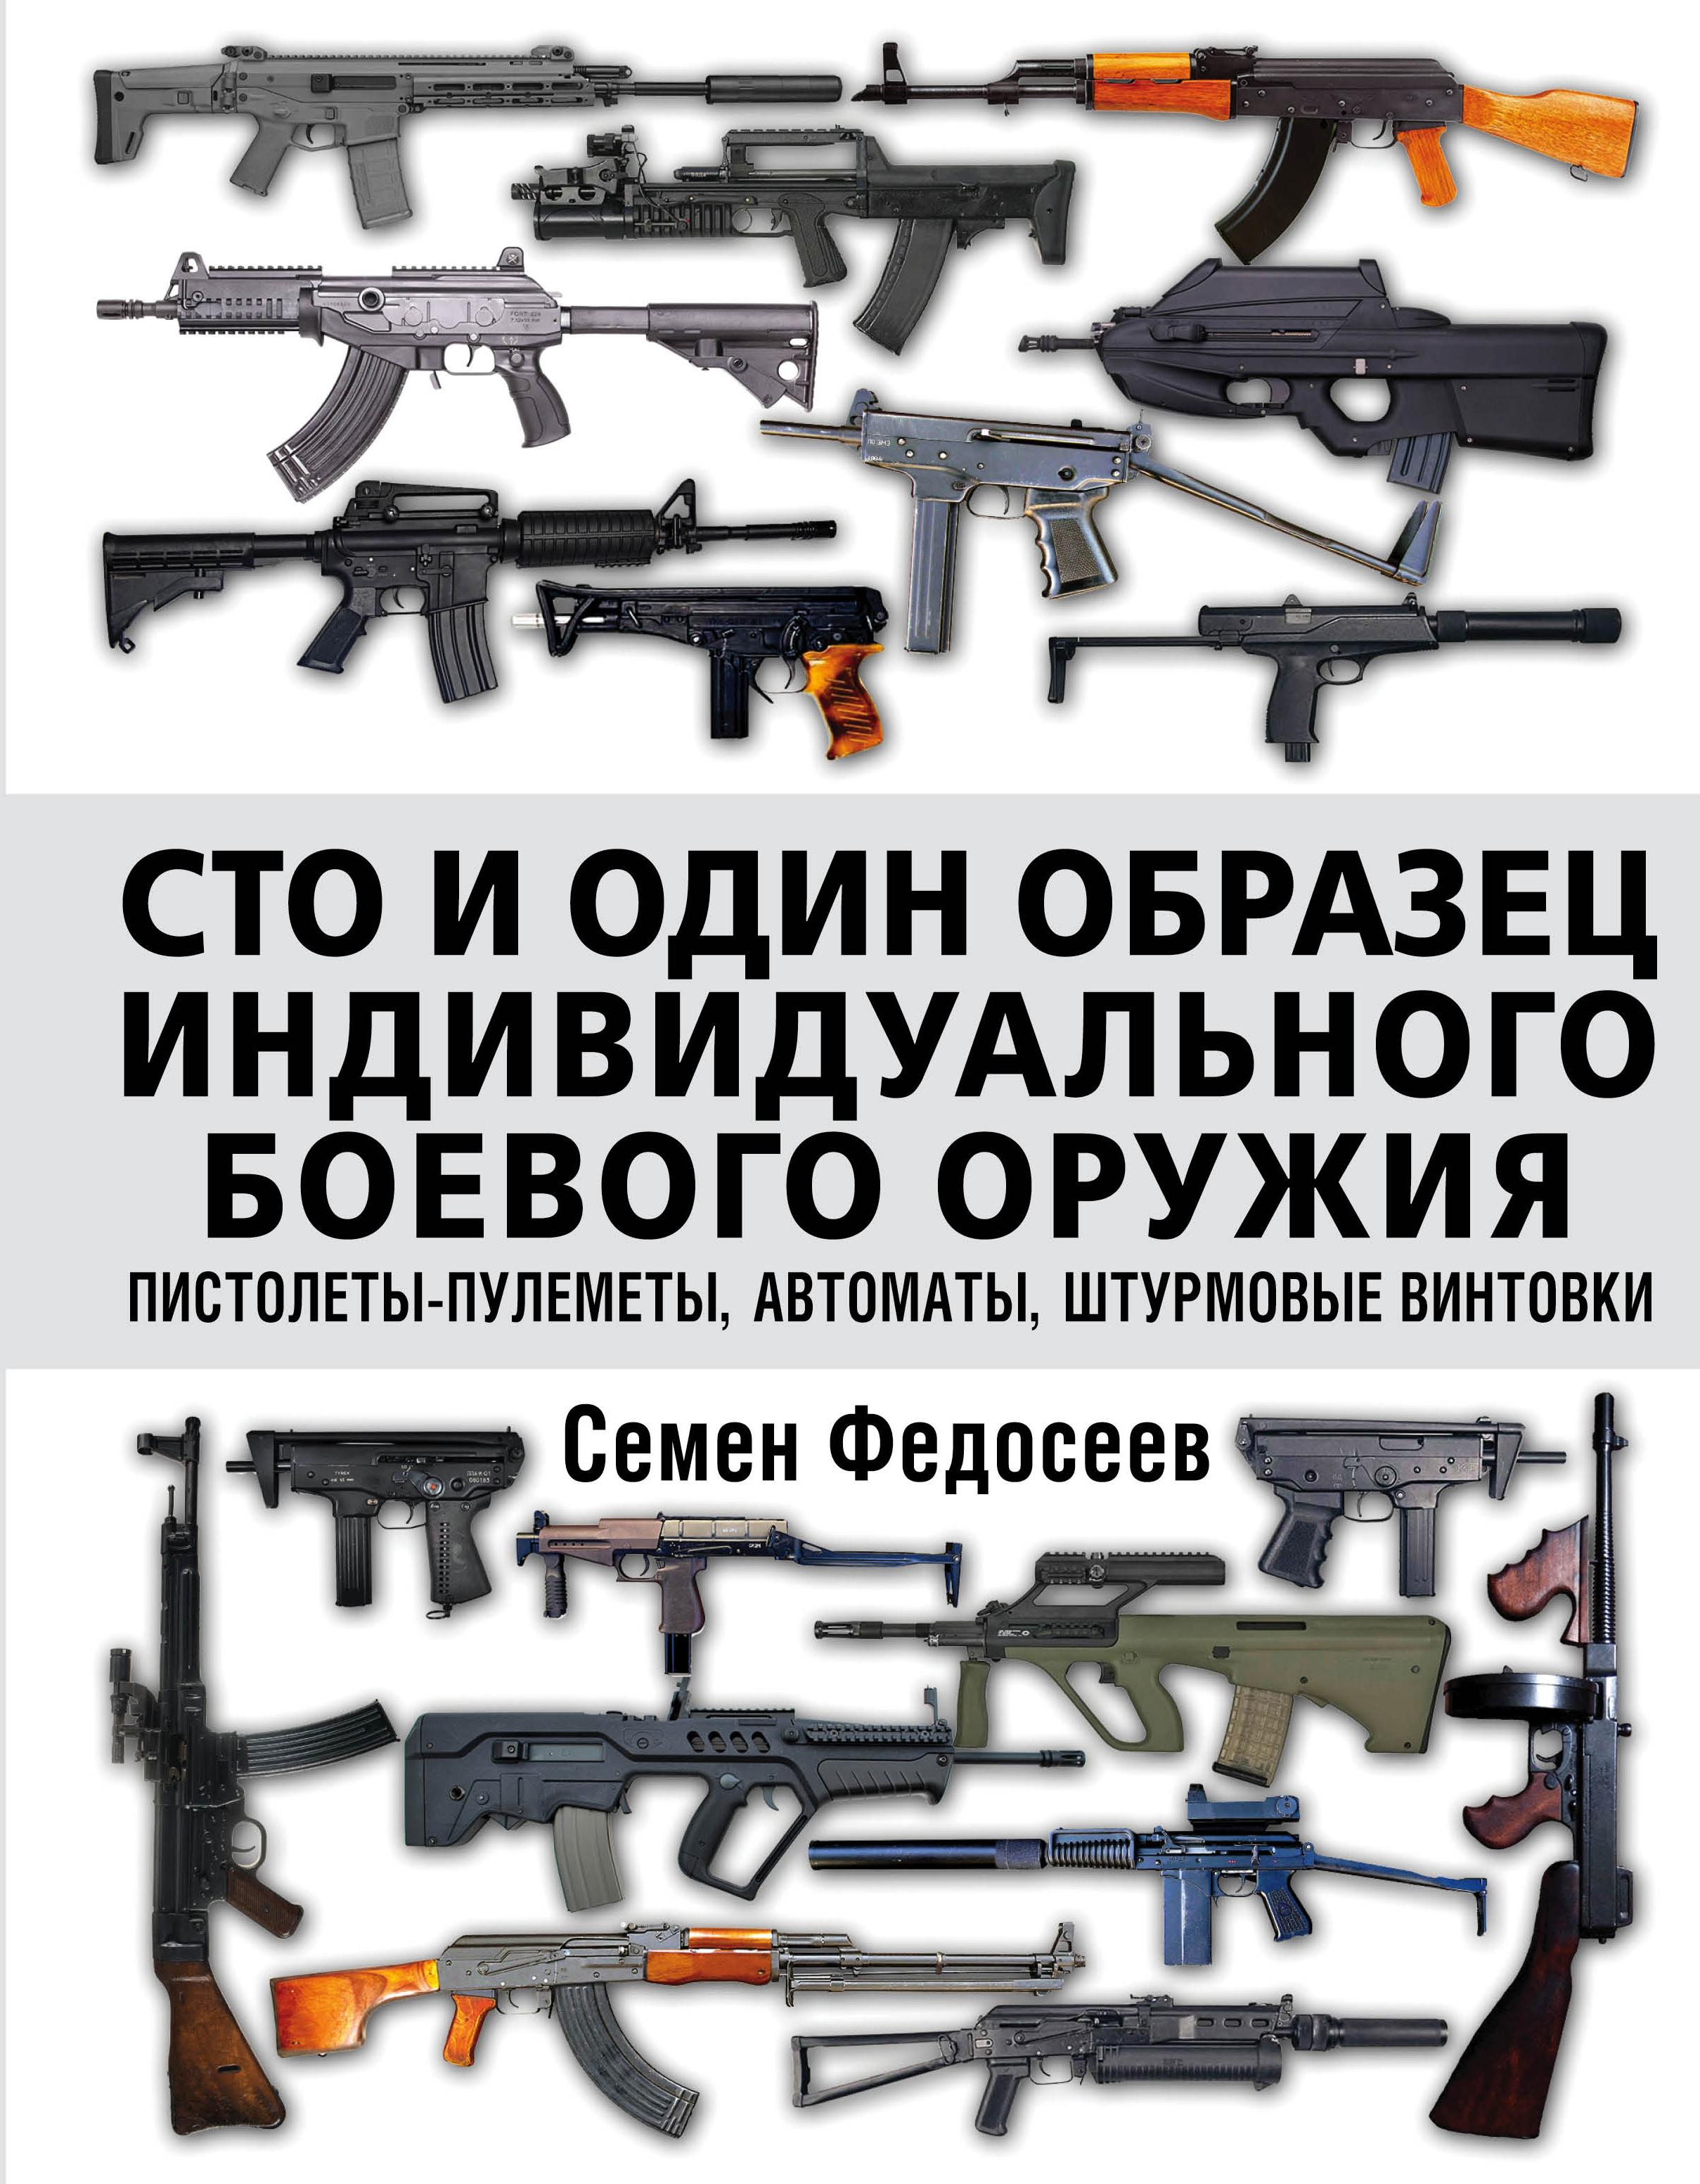 Семен Федосеев Сто и один образец индивидуального боевого оружия: пистолеты-пулеметы, автоматы, штурмовые винтовки федосеев с сто и один образец индивидуального боевого оружия пистолеты пулеметы автоматы штурмовые винтовки